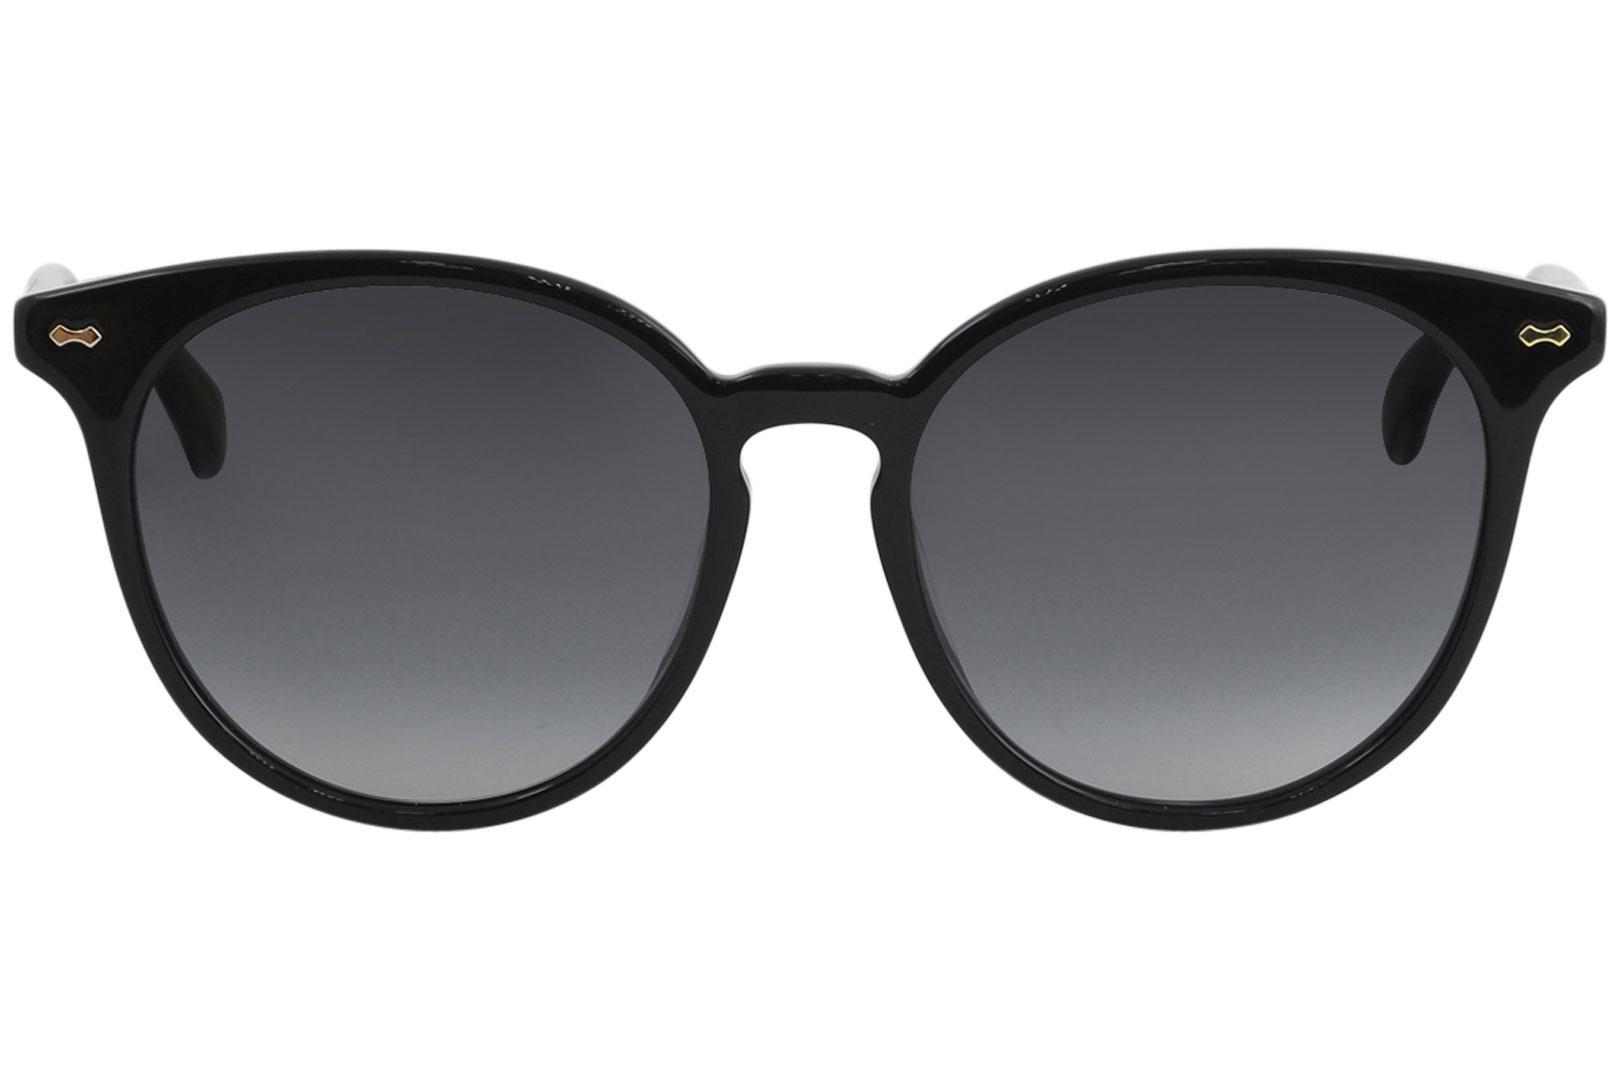 d7f27731697 Gucci Women s Opulent Luxury GG0195SK GG 0195 SK Fashion Round Sunglasses